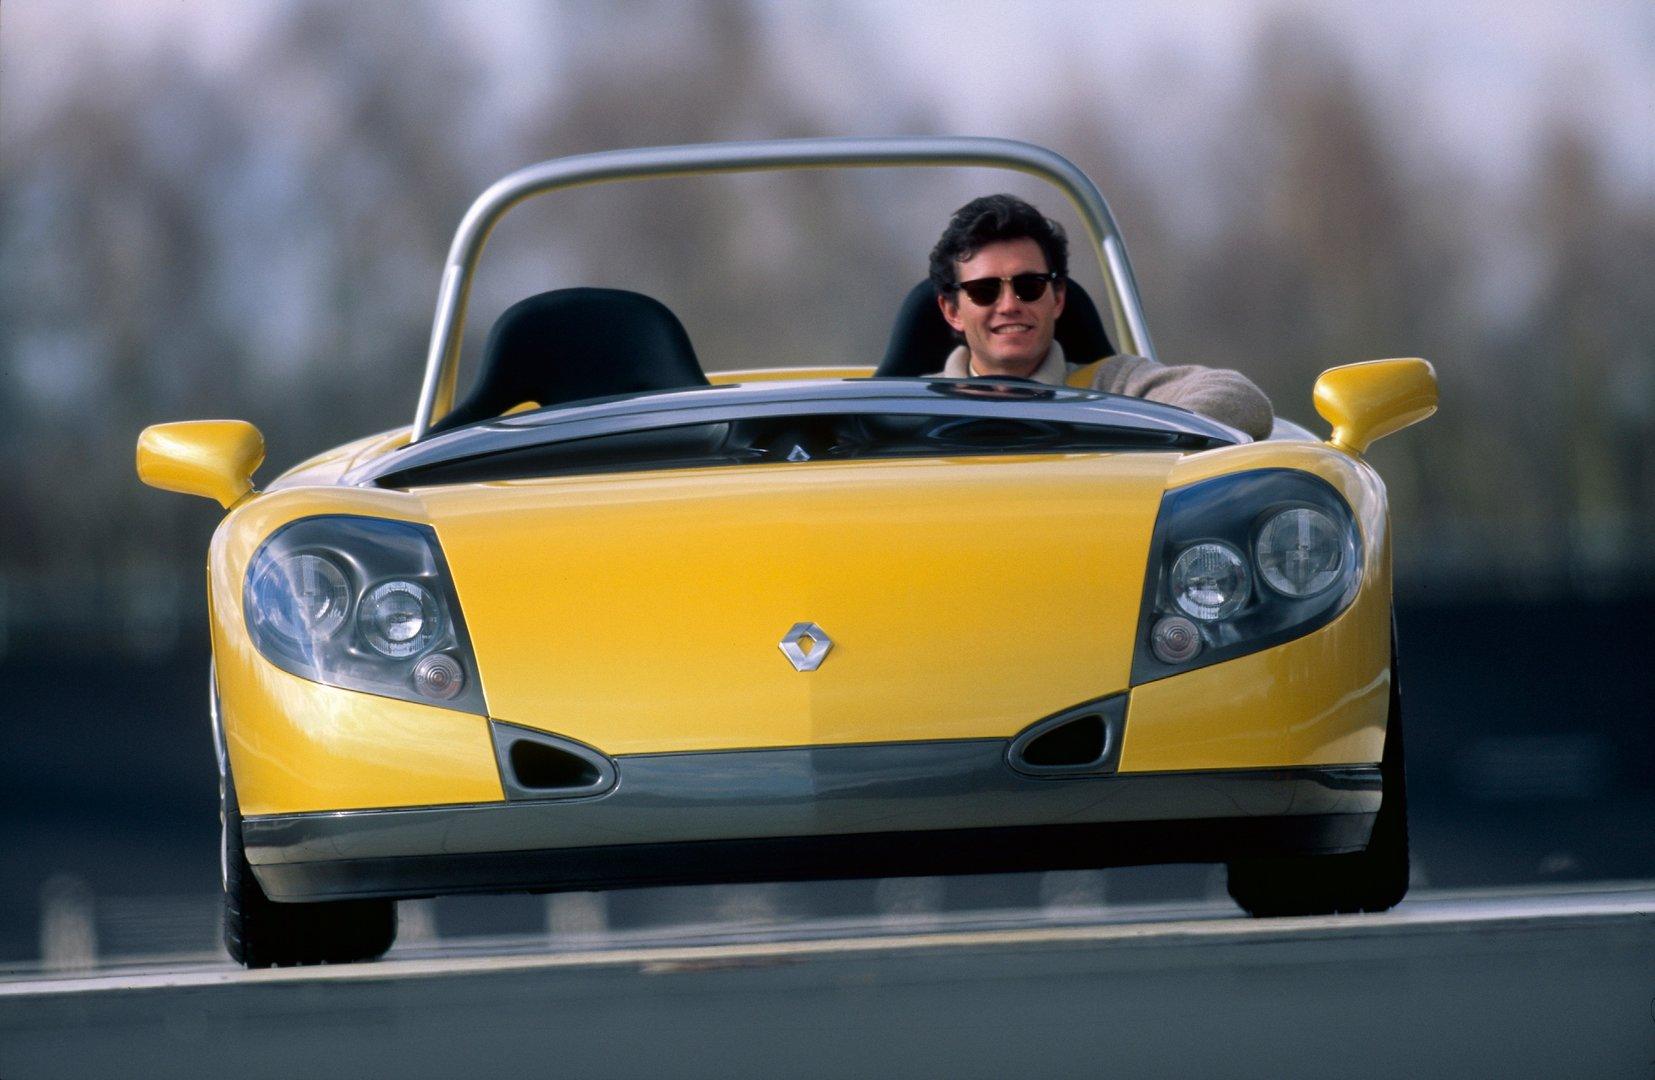 Coche del día: Renault Sport Spider